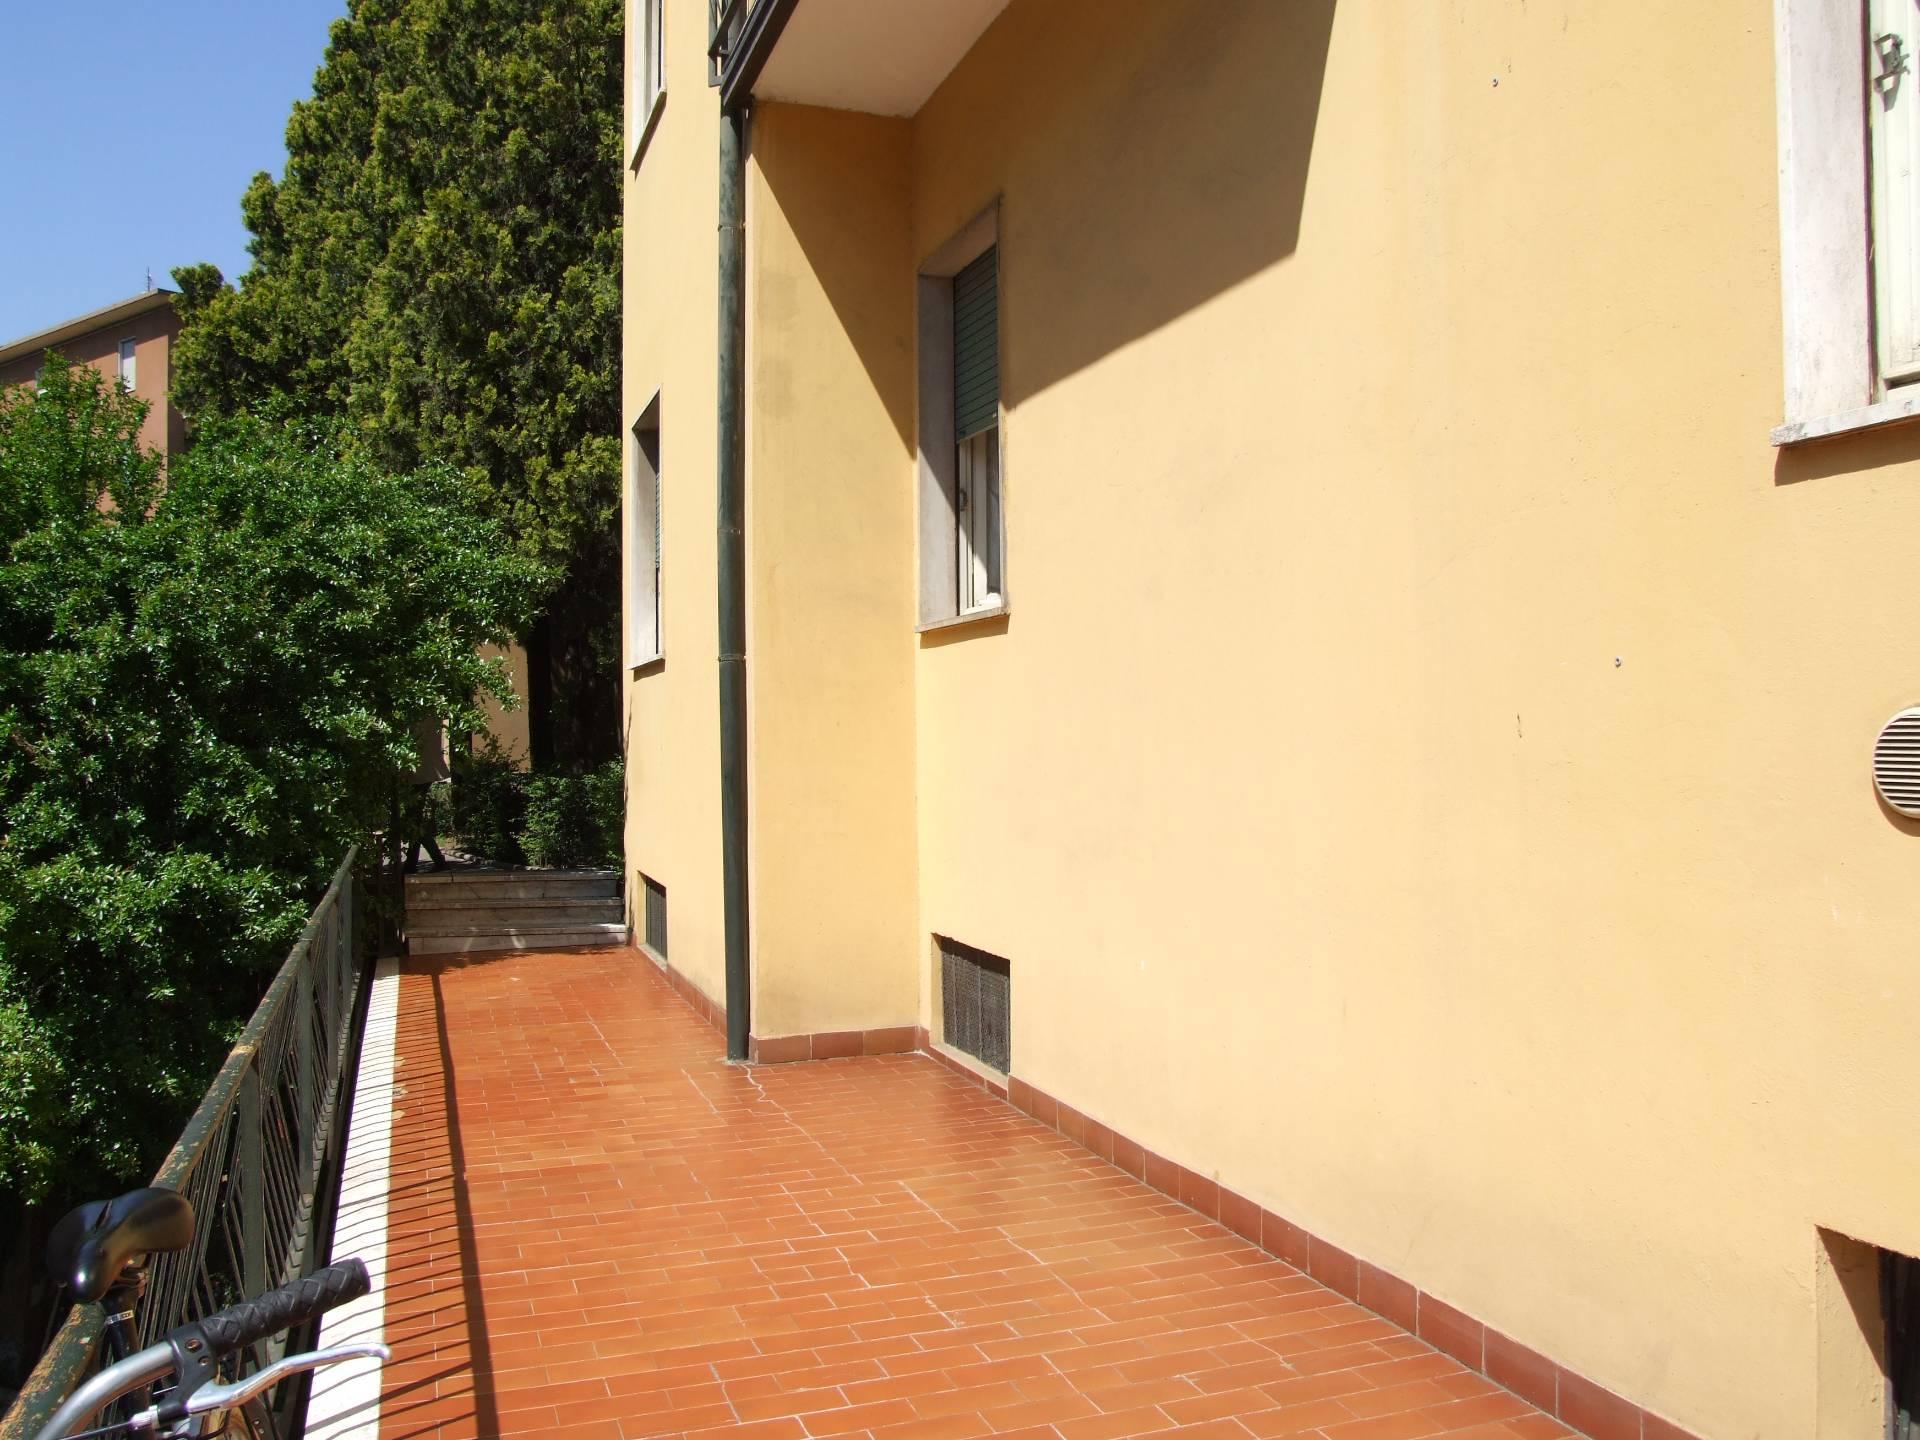 Bilocale Brescia Via Isidoro Capitanio 10